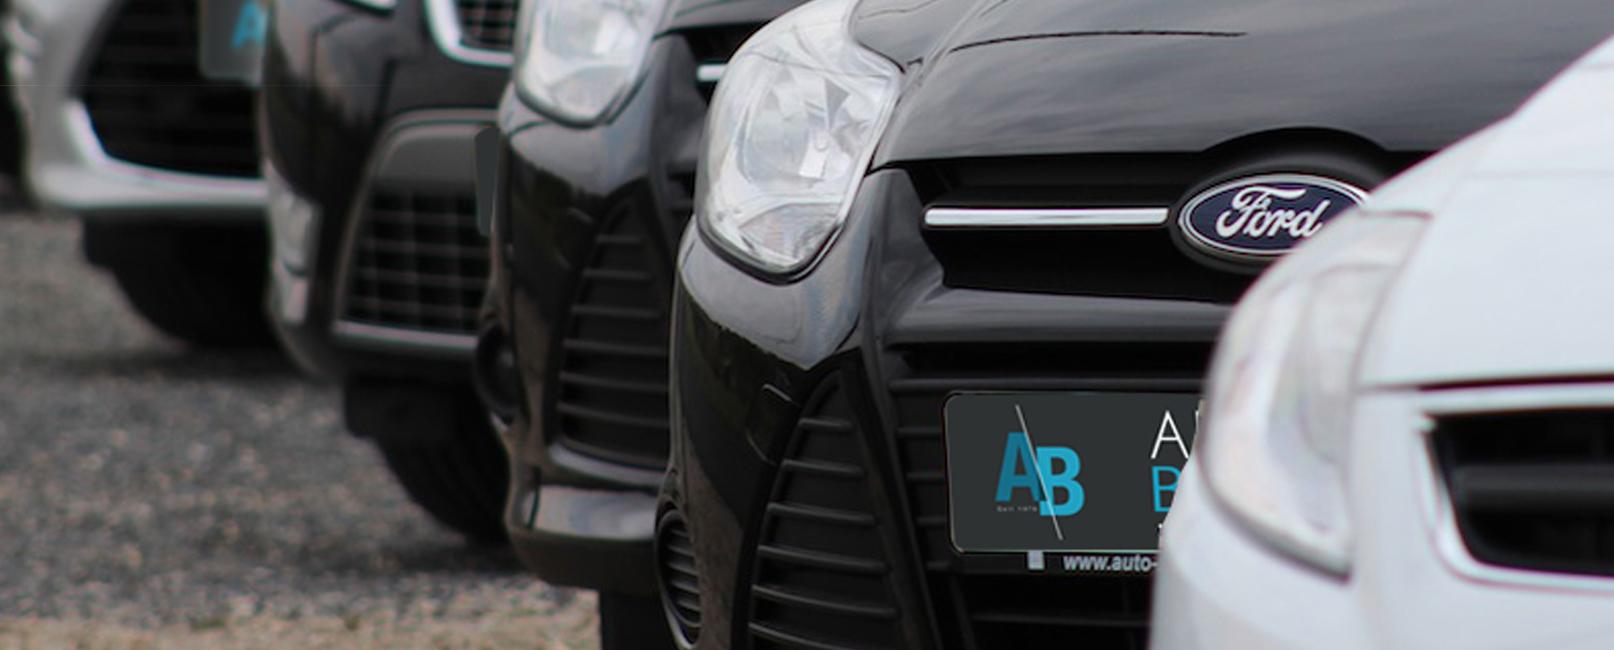 Authohaus Bogdan In Bamberg Jahreswagen Gebrauchtwagen